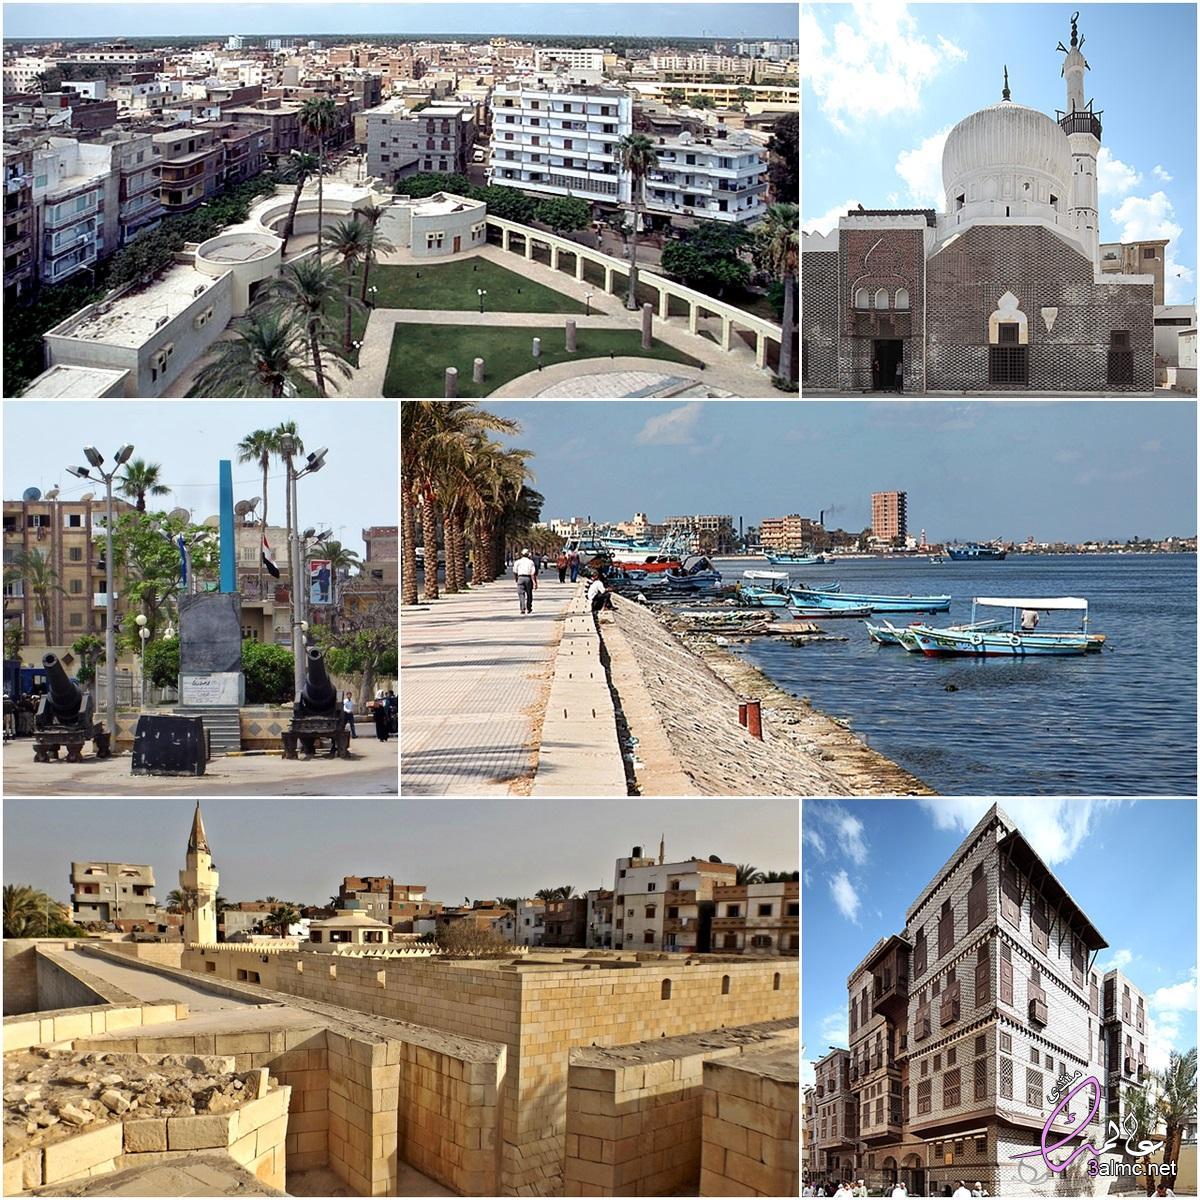 محافظة رشيد,مدينة مصرية تُلقب بـ بلد المليون نخلة,كورنيش رشيد,قلعة قايتباي,مدينة رشيد الجديدة